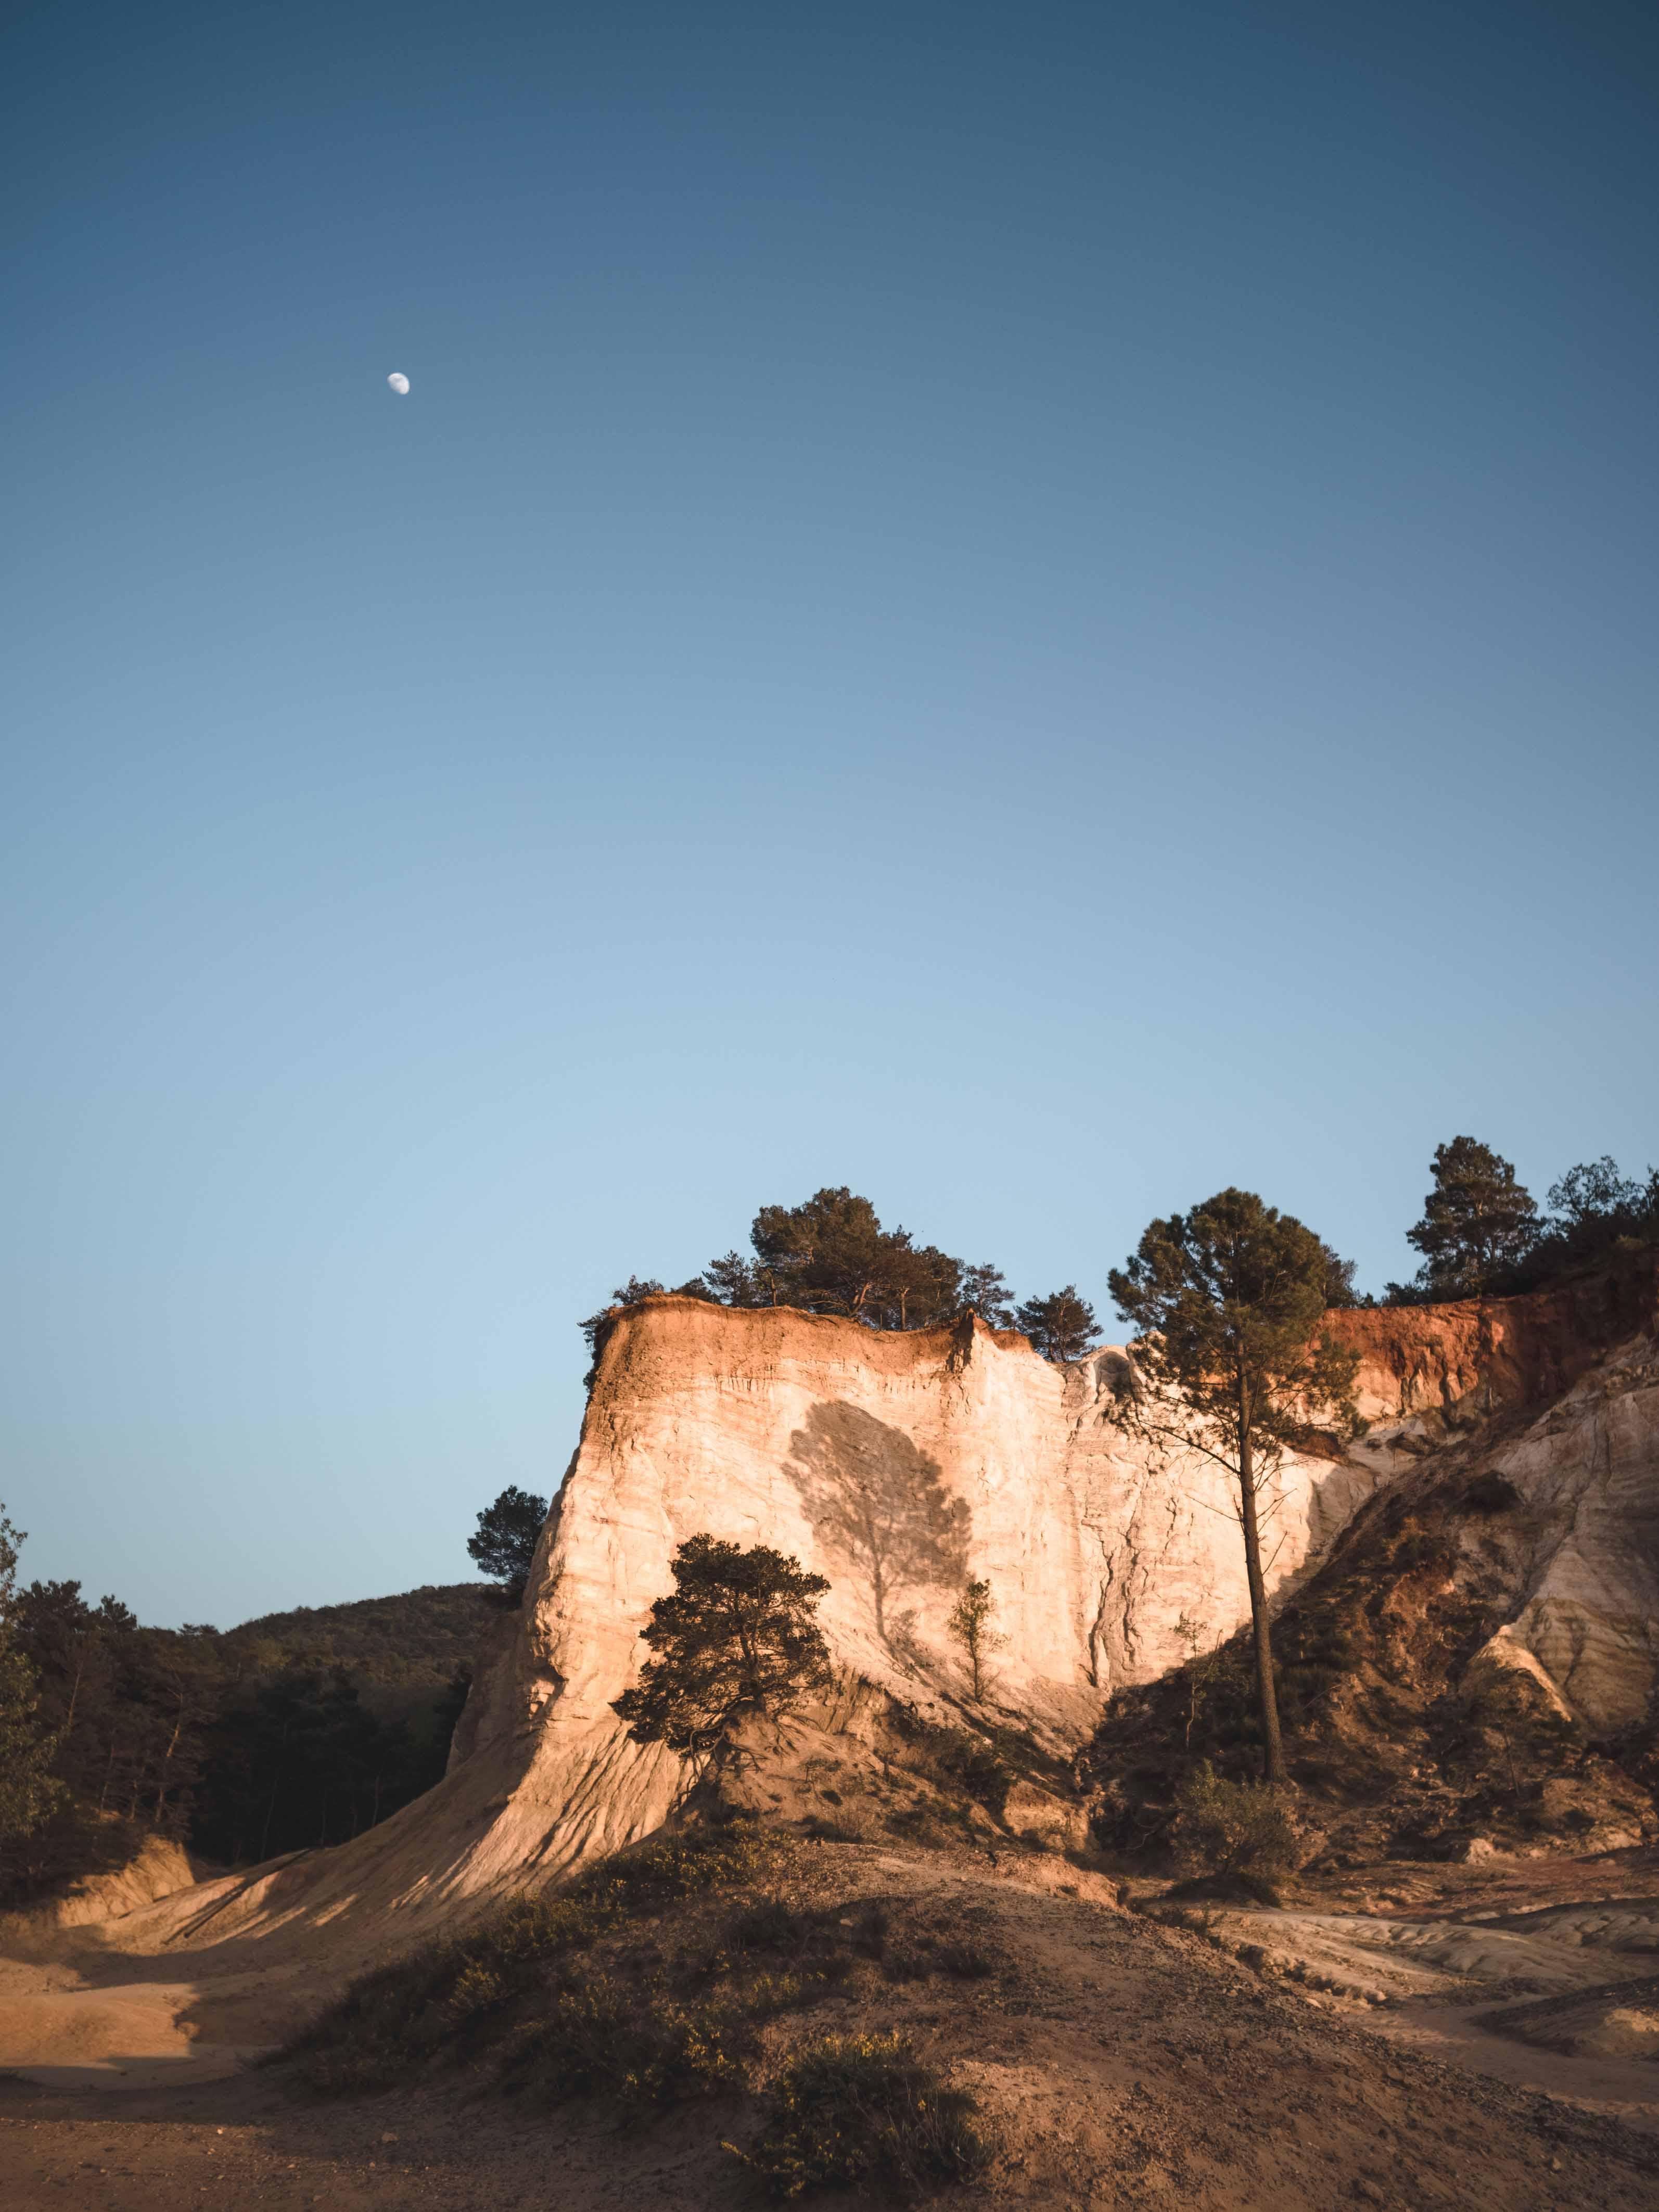 matteo_thefrenchoutdoors-instameet-instagram-photographe-outdoors-aventure-bivouac9